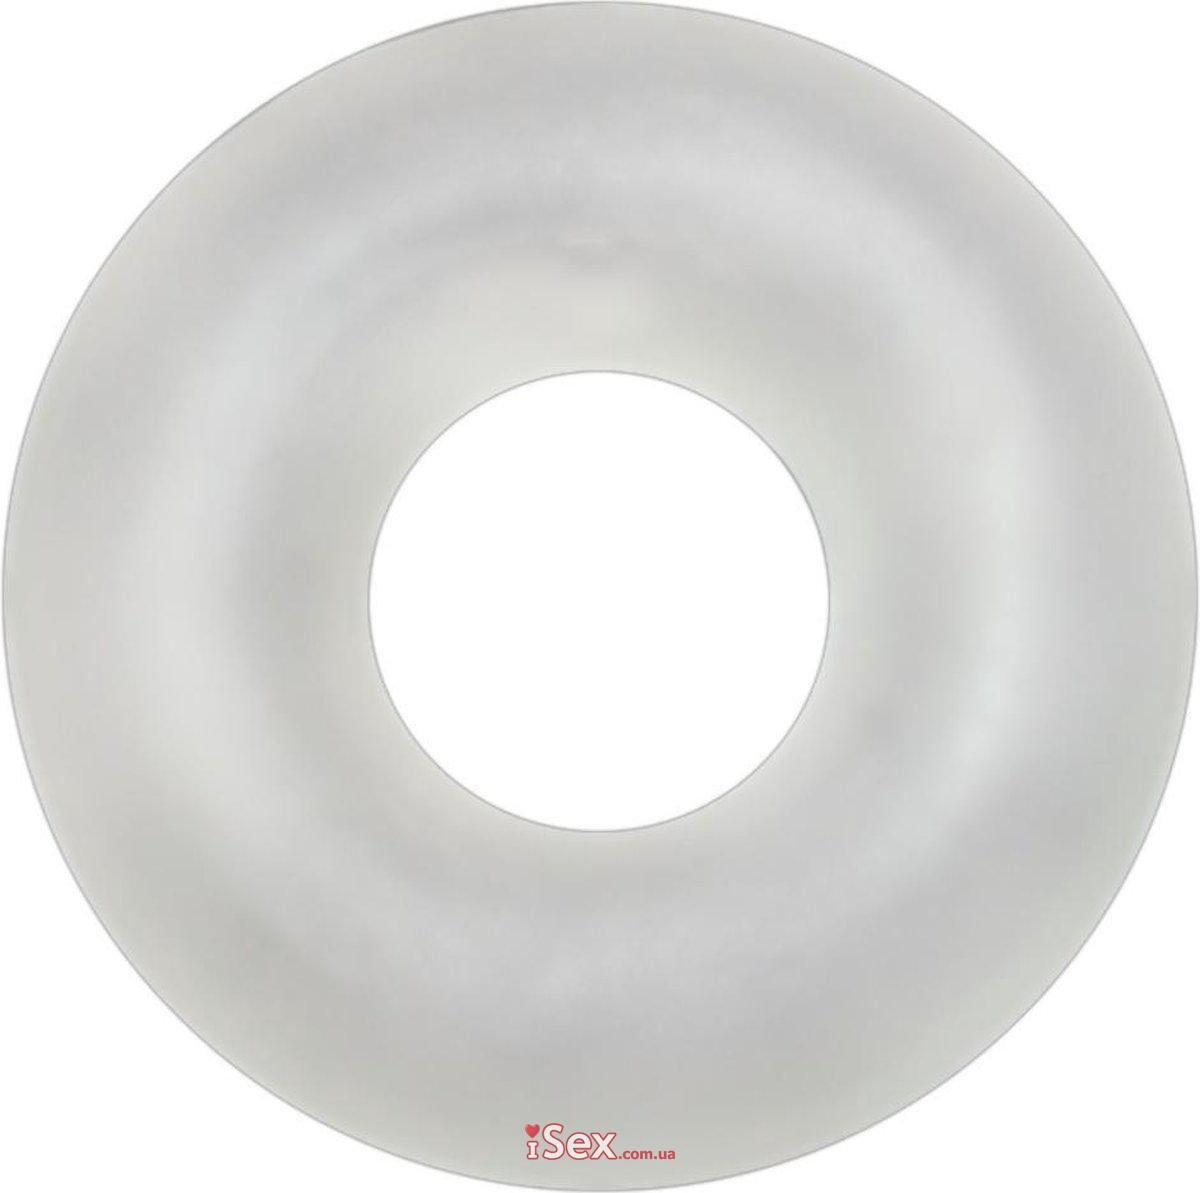 Эрекционное кольцо Stretchy Cockring